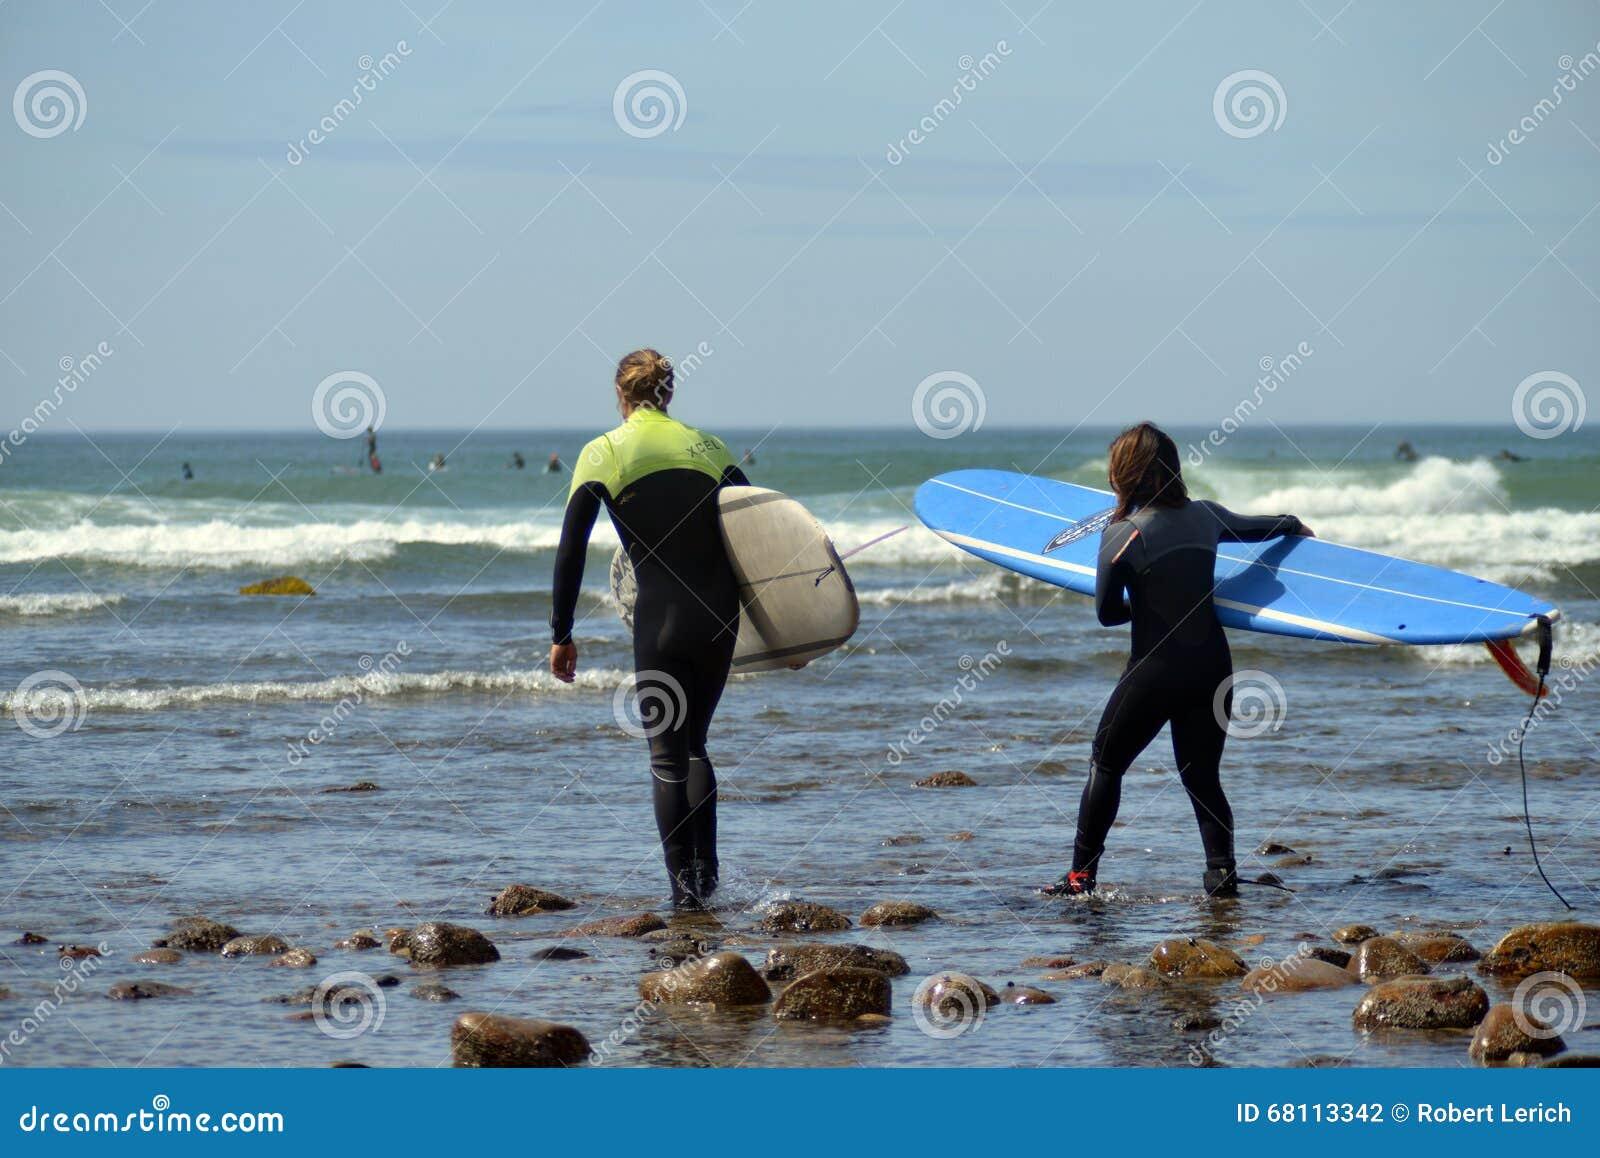 Redakcyjne kobieta surfingowów przykopu równiny Montuak Nowy Jork